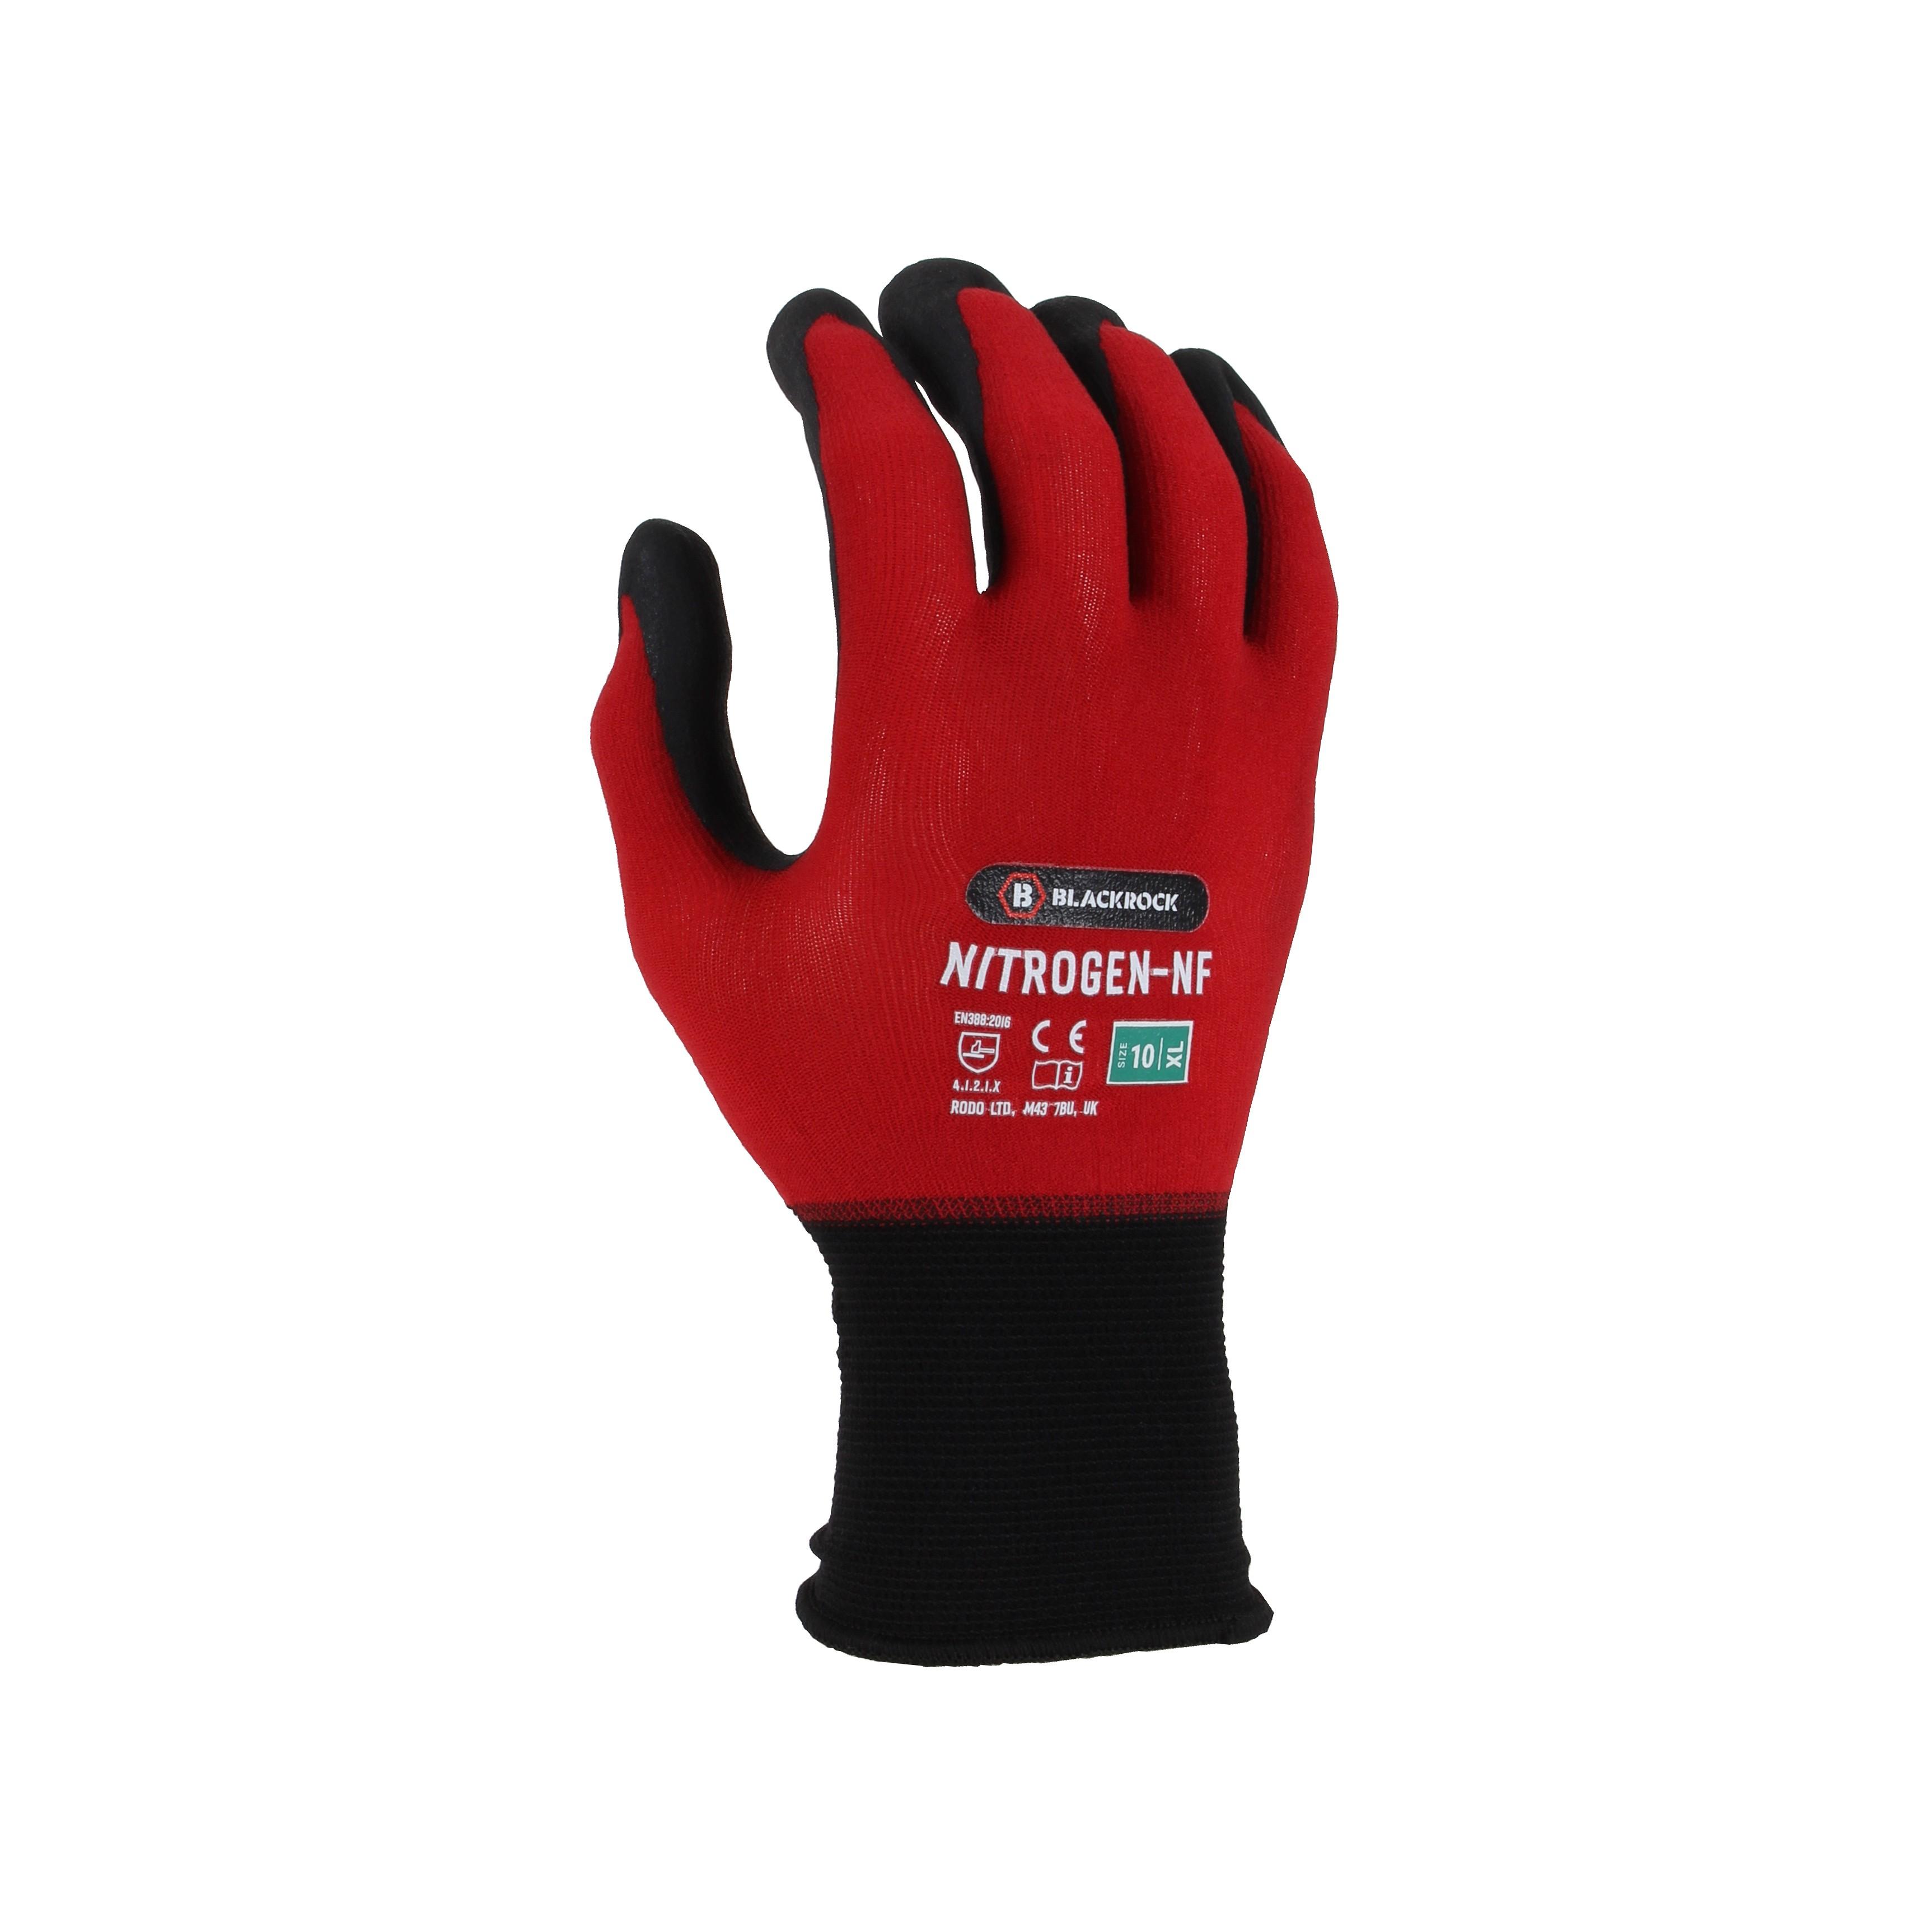 Nitrogen-NF Work Glove